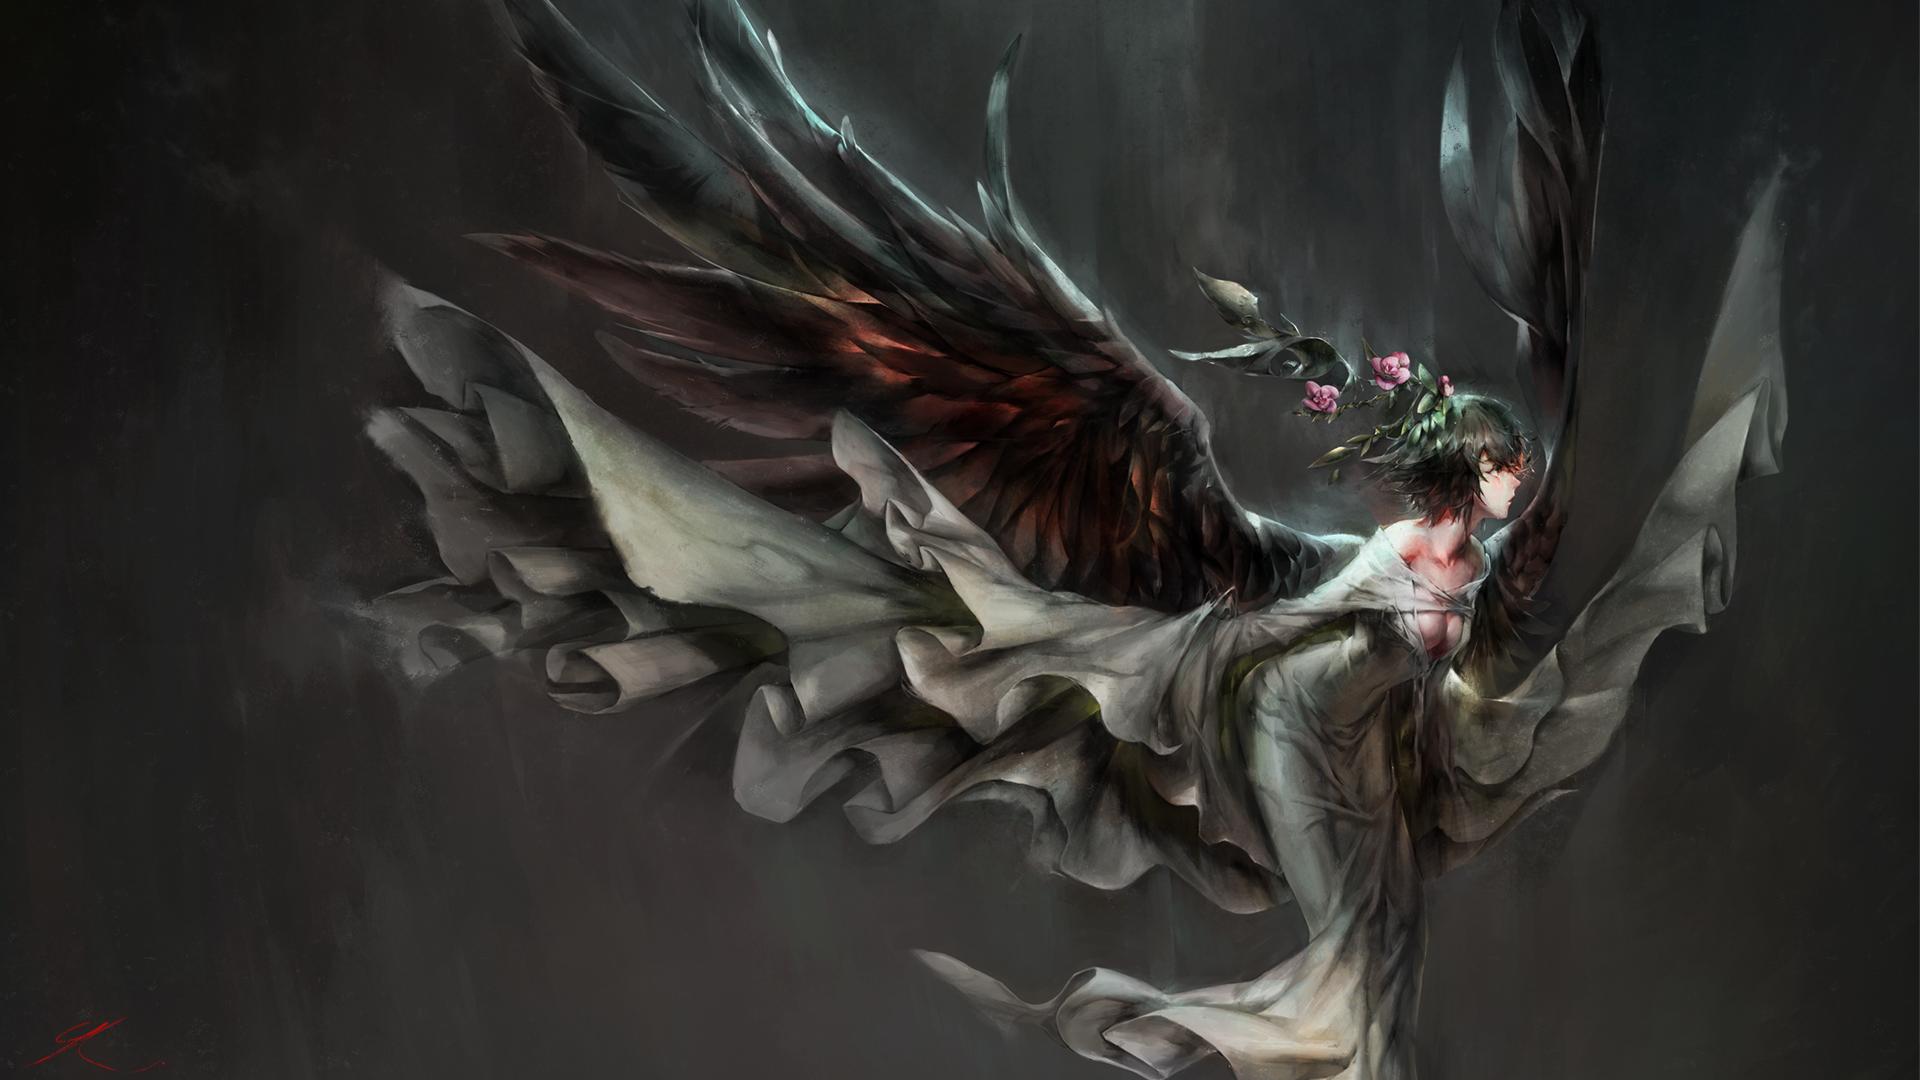 デスクトップ壁紙 アニメの女の子 悪魔 神話 天使の翼 闇